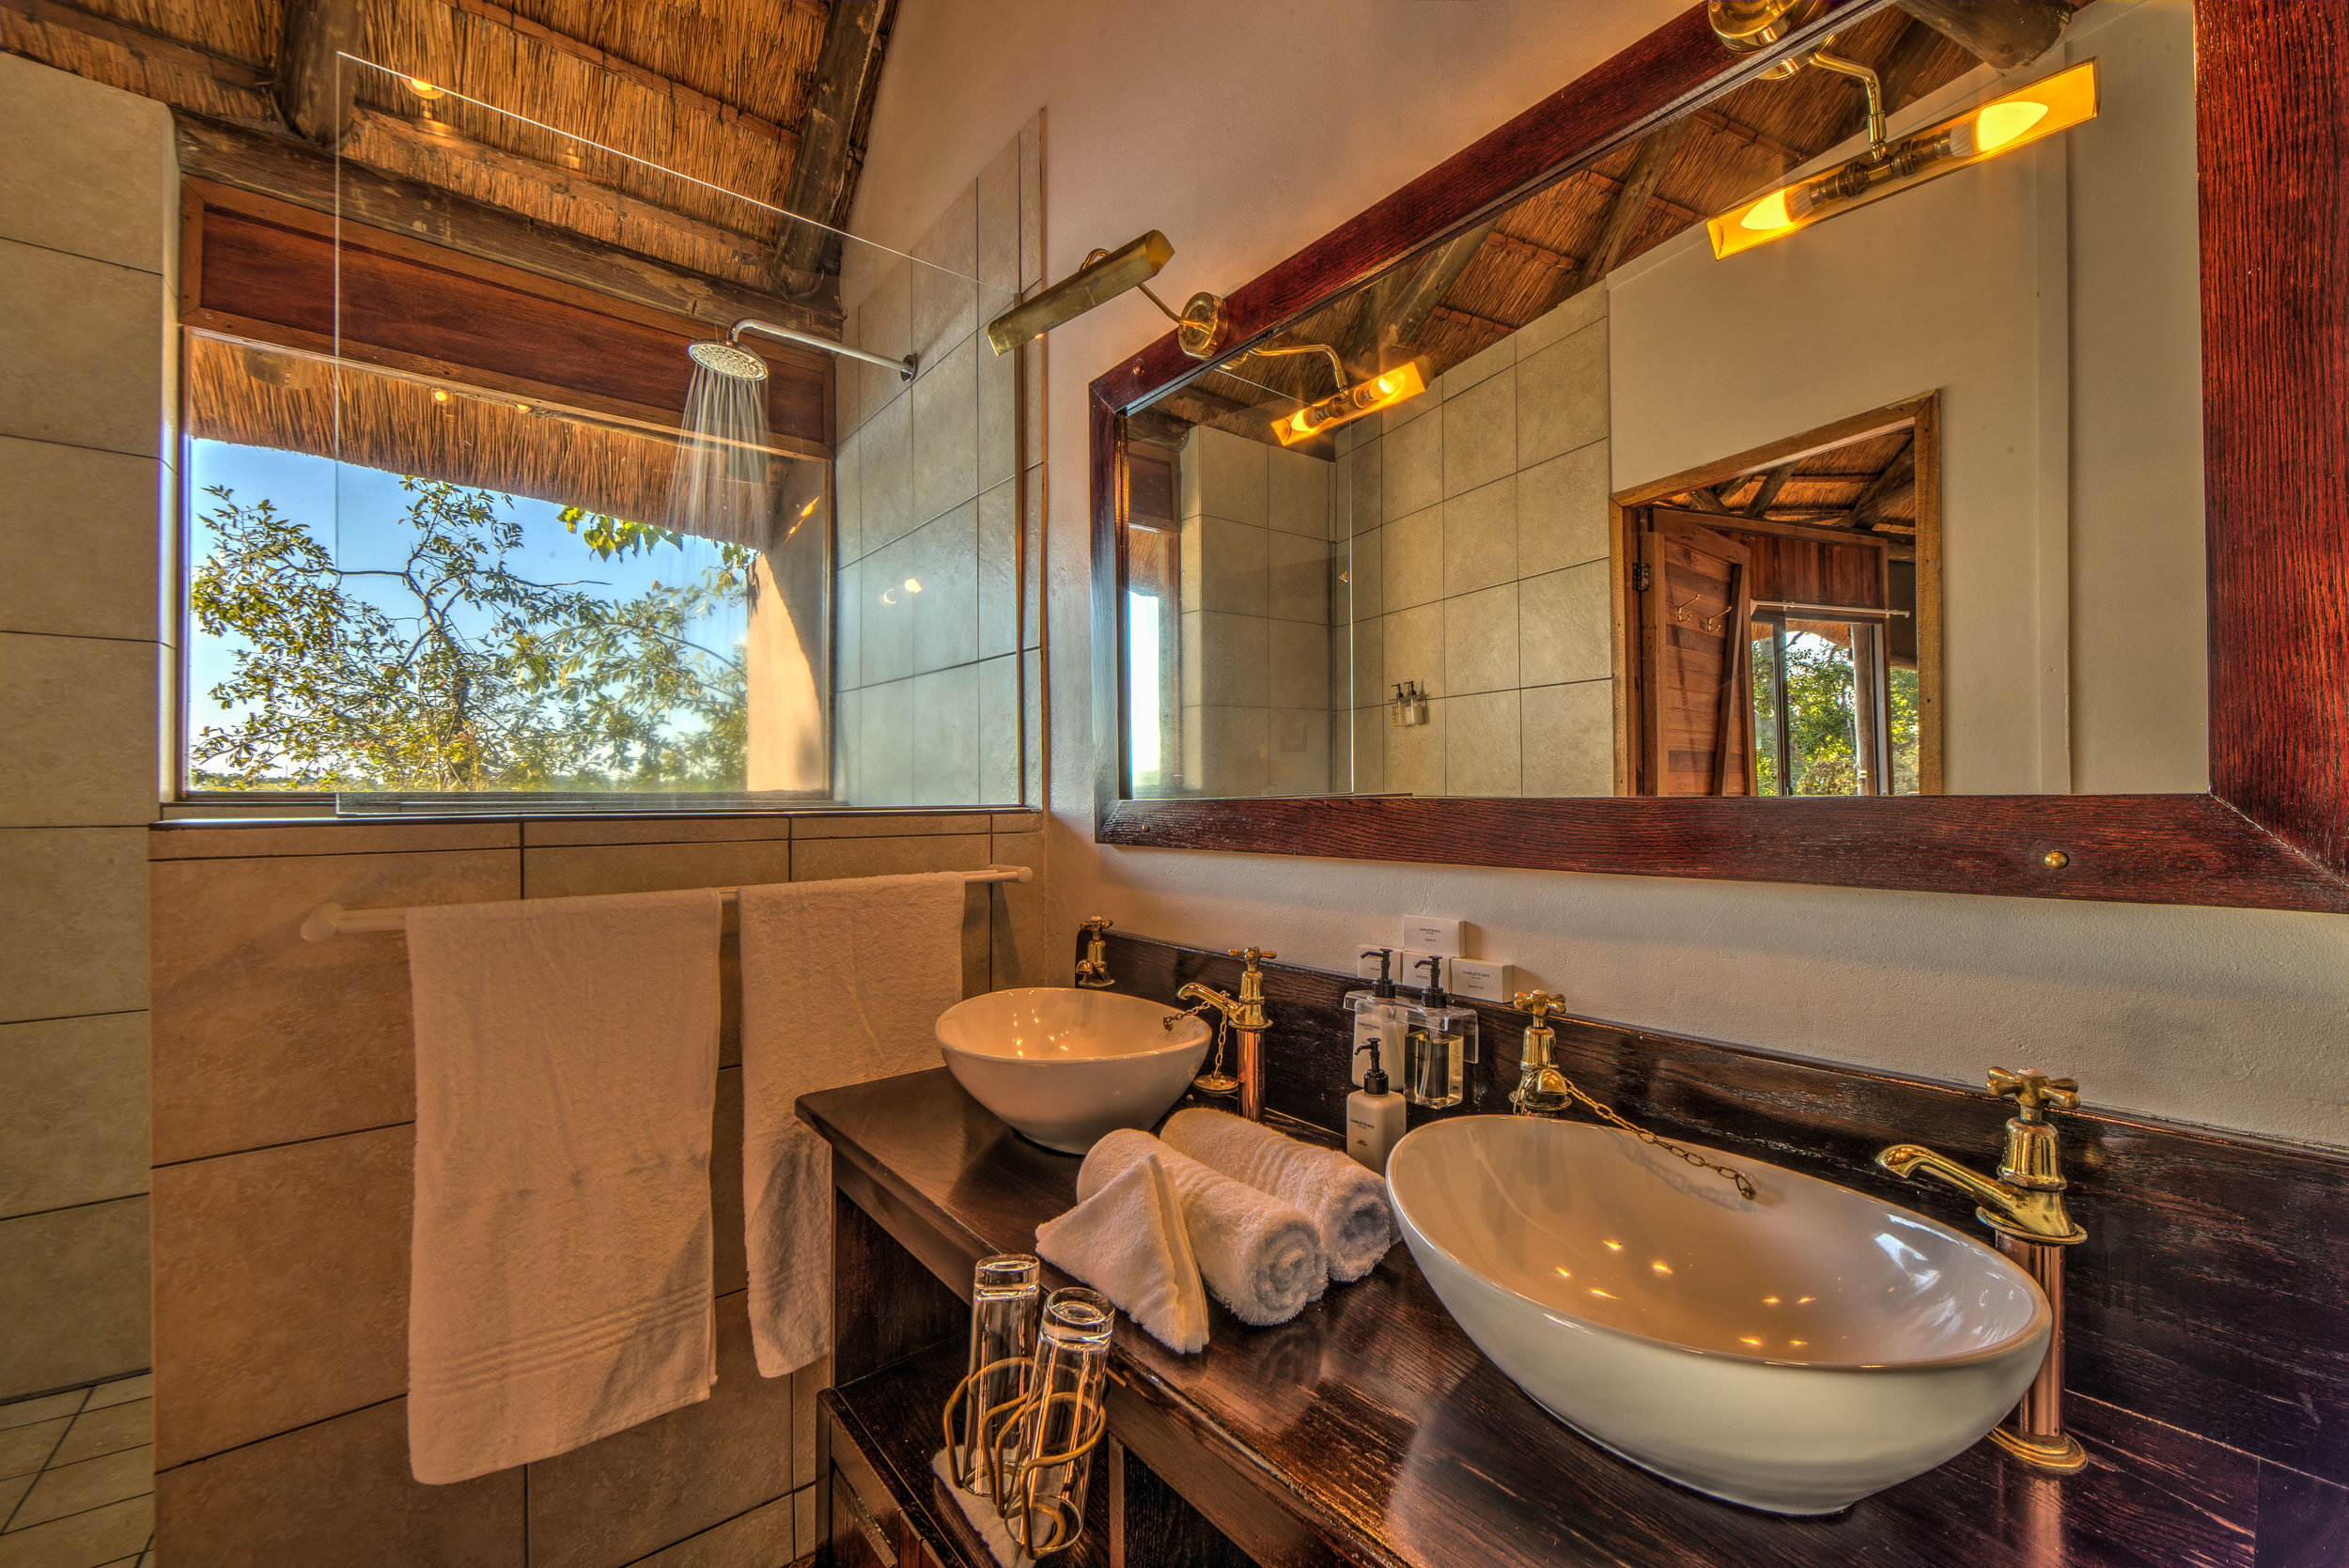 xugana-island-lodge-guest-room-bathroom1.jpg